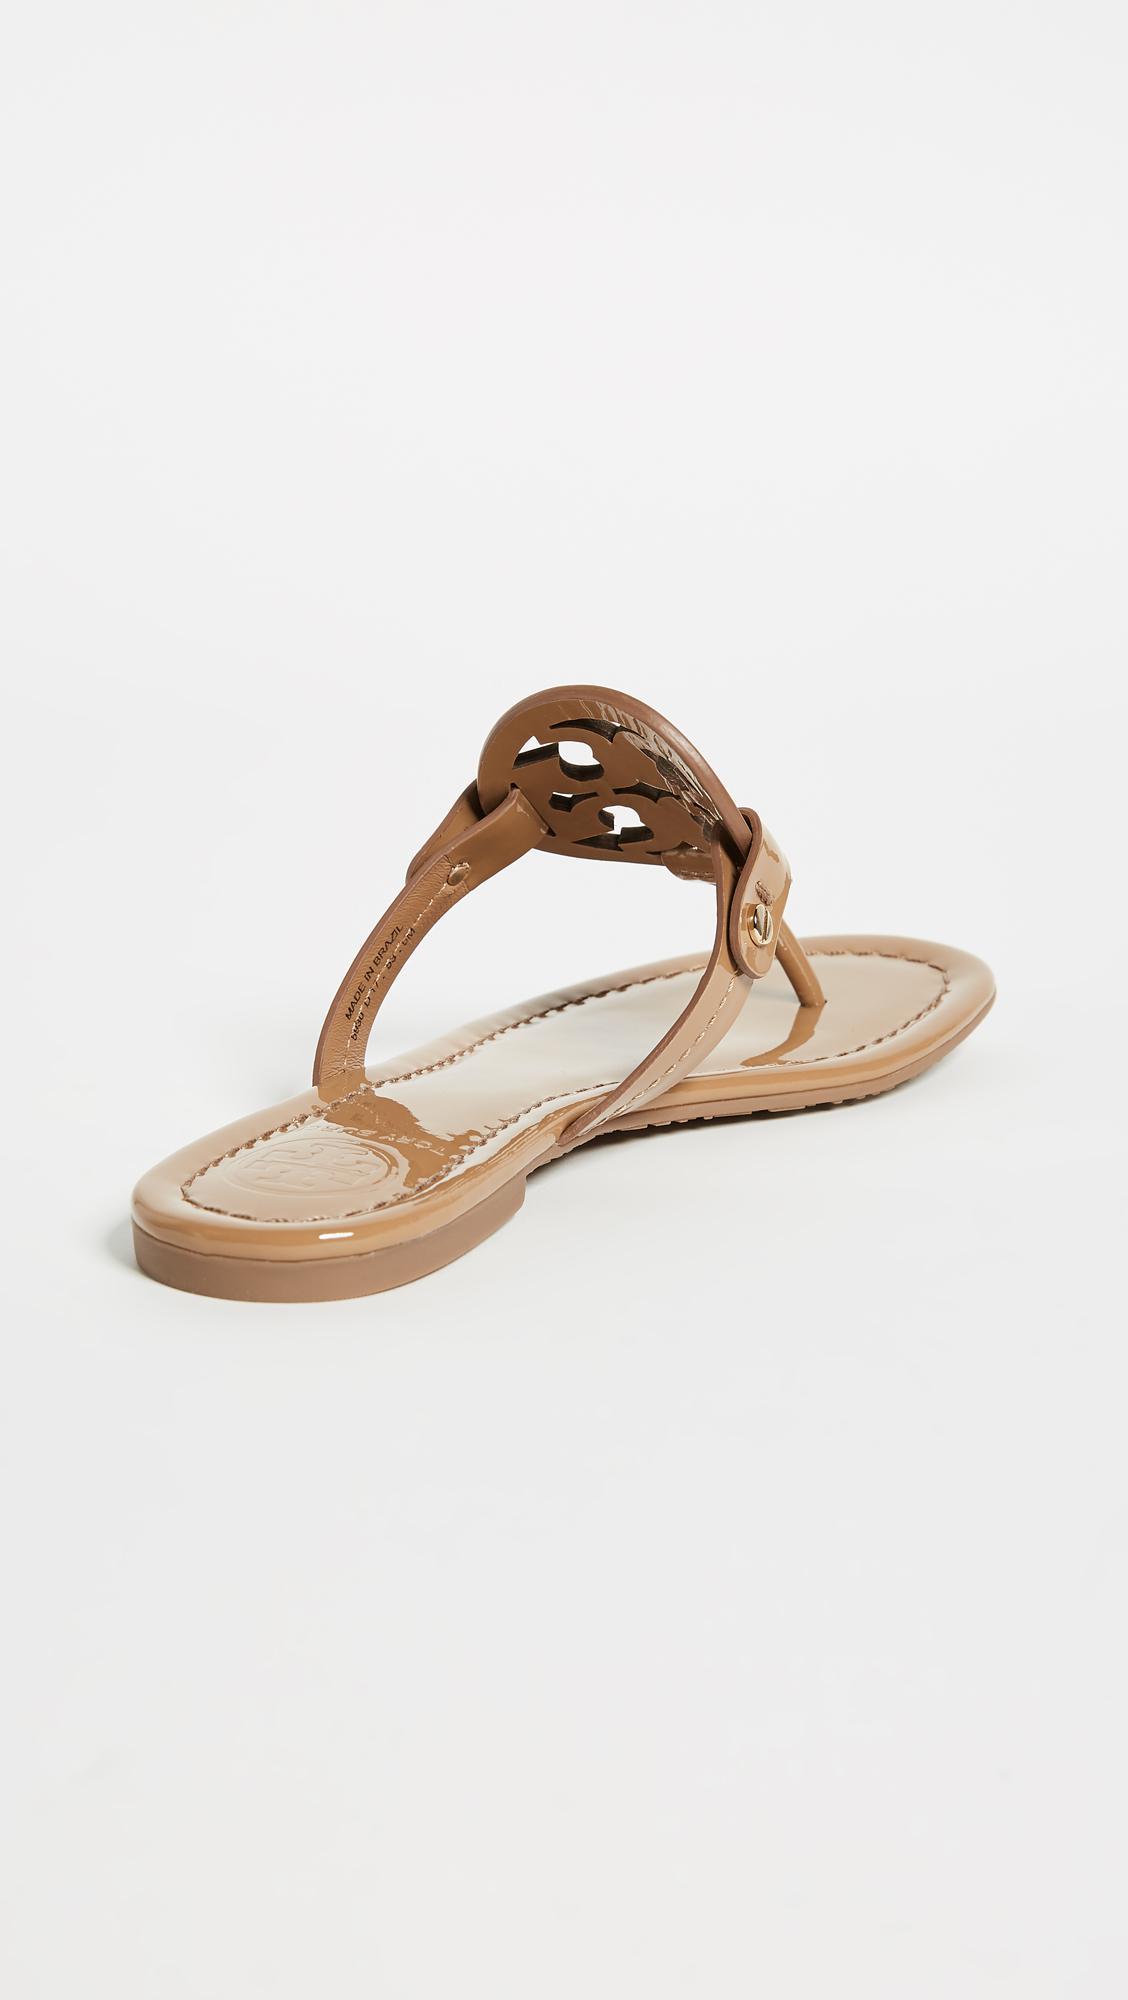 8e4502411fc4 Tory Burch - Black Miller Thong Sandals - Lyst. View fullscreen